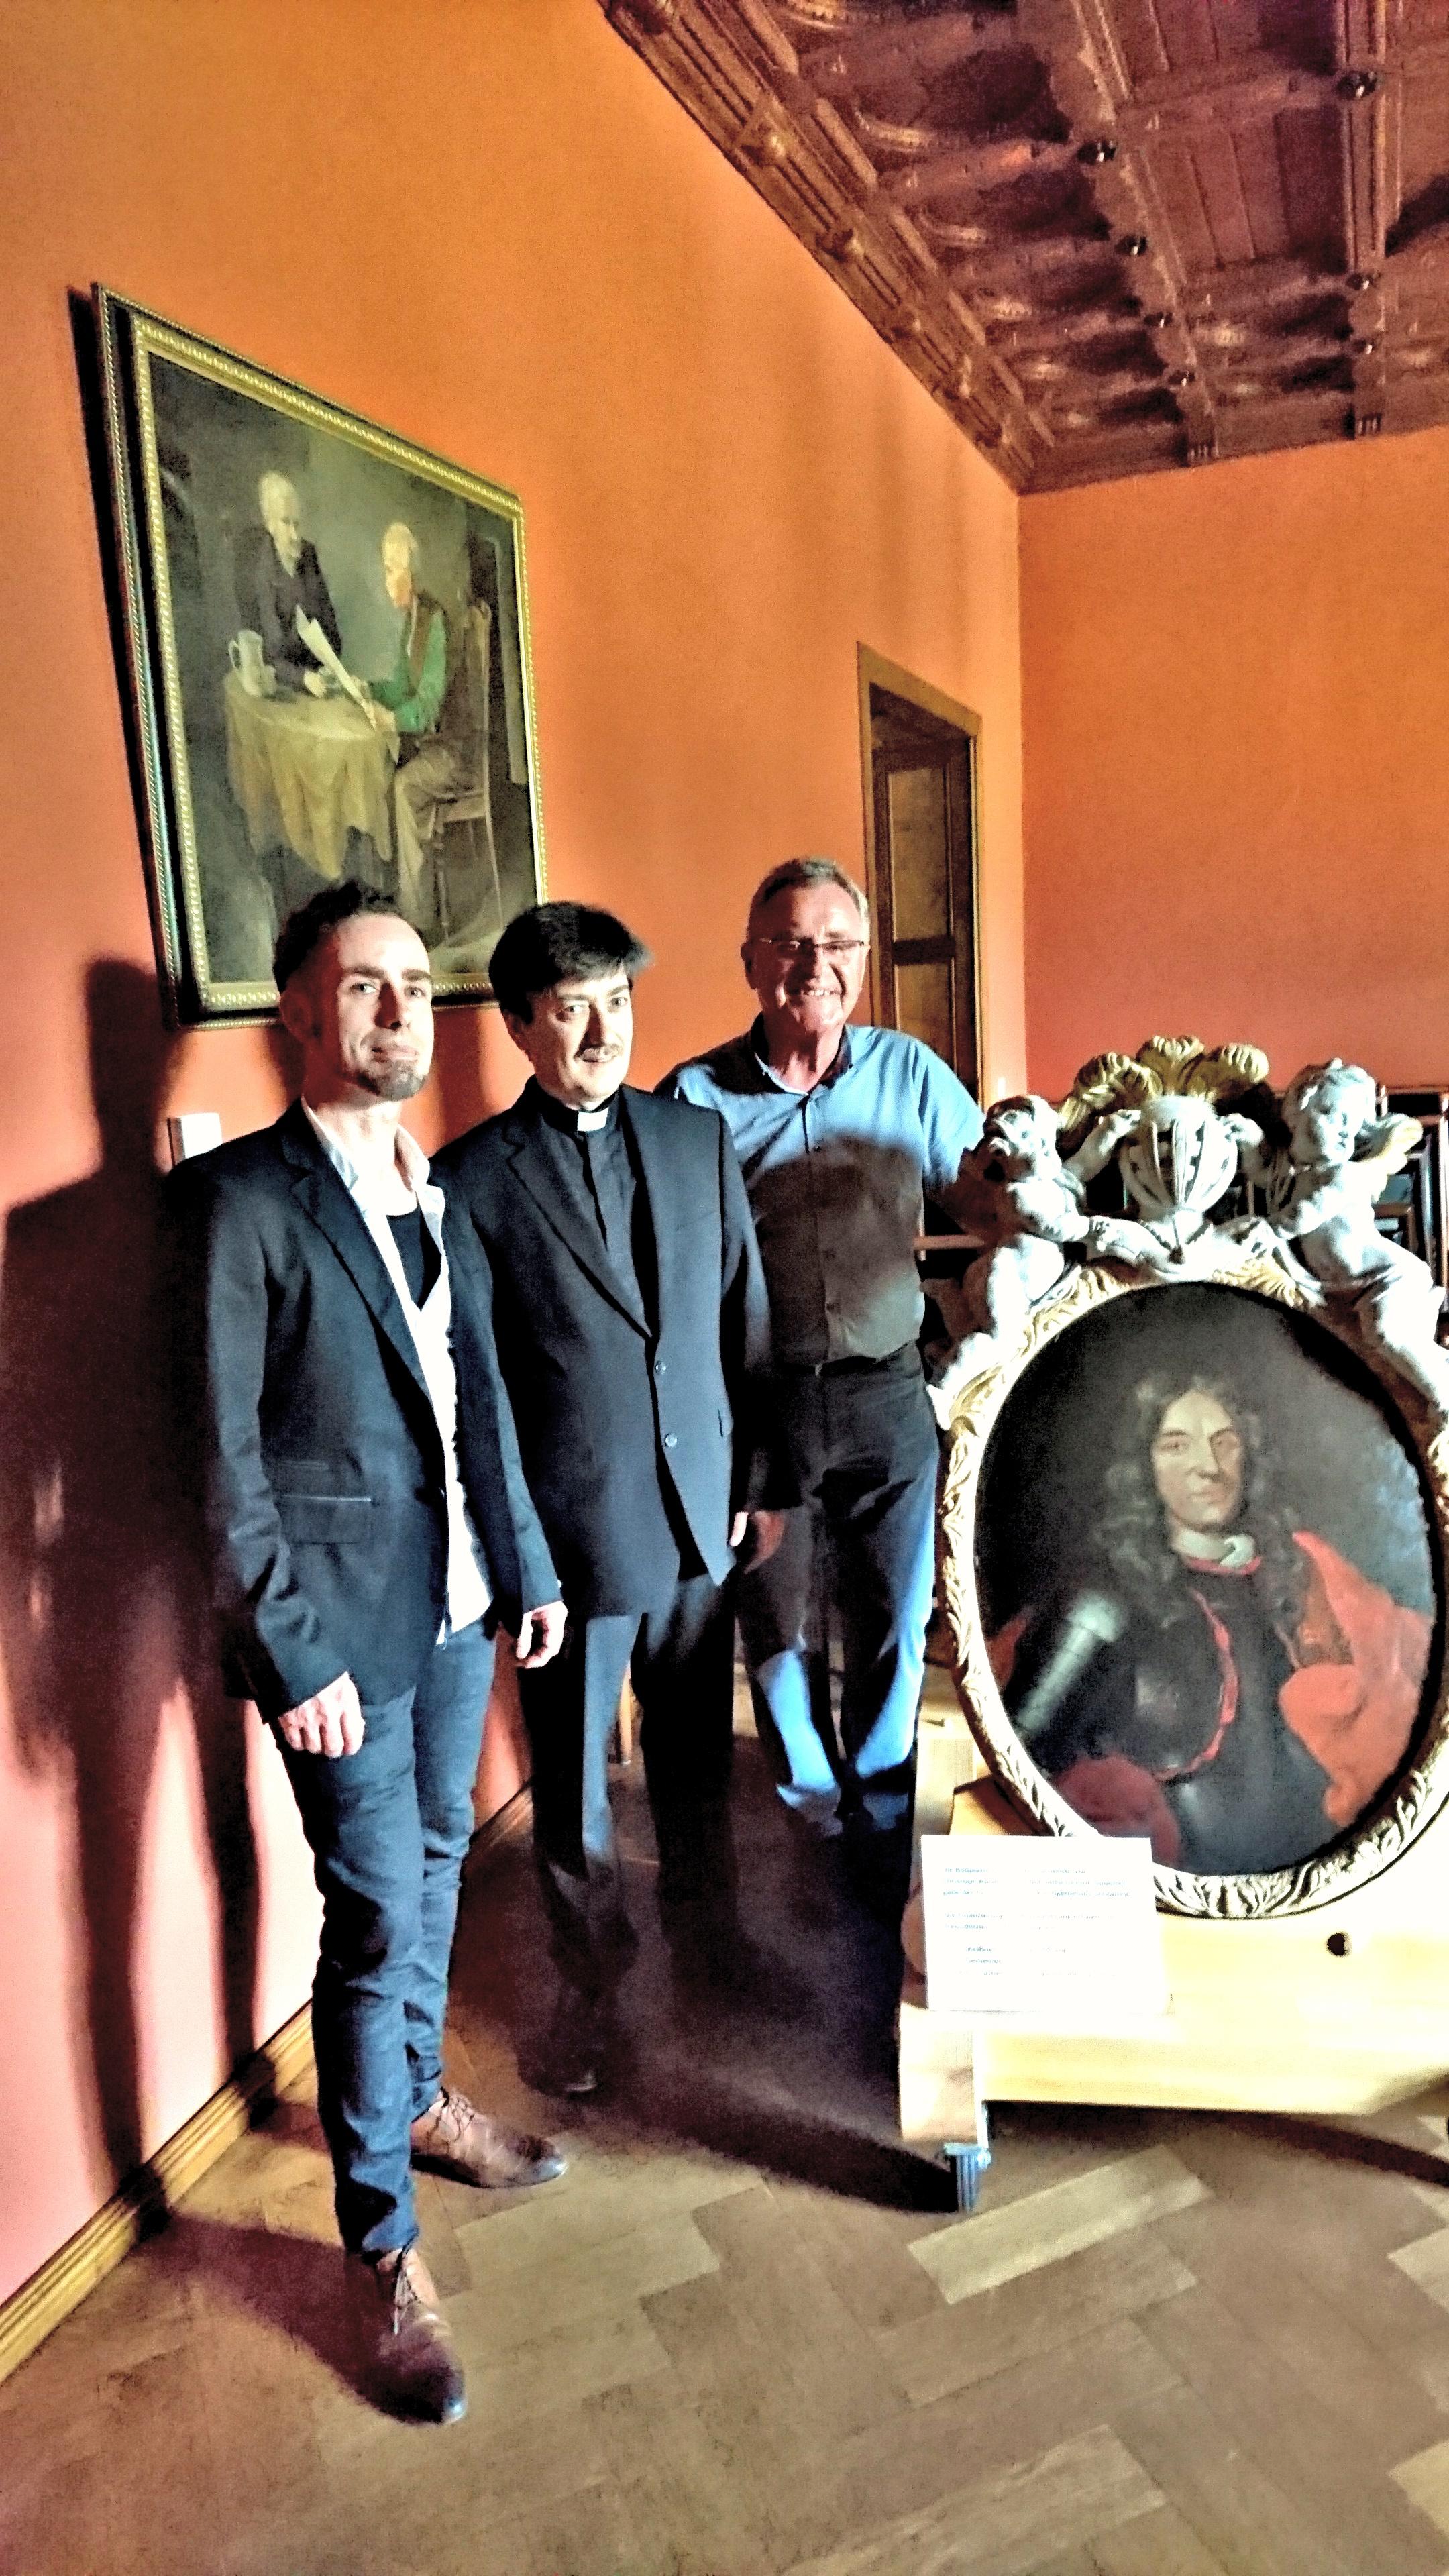 Einweihung Bildplatte des Christoph Abraham von der Sahla zum 10. Tag der Parks und Gärten